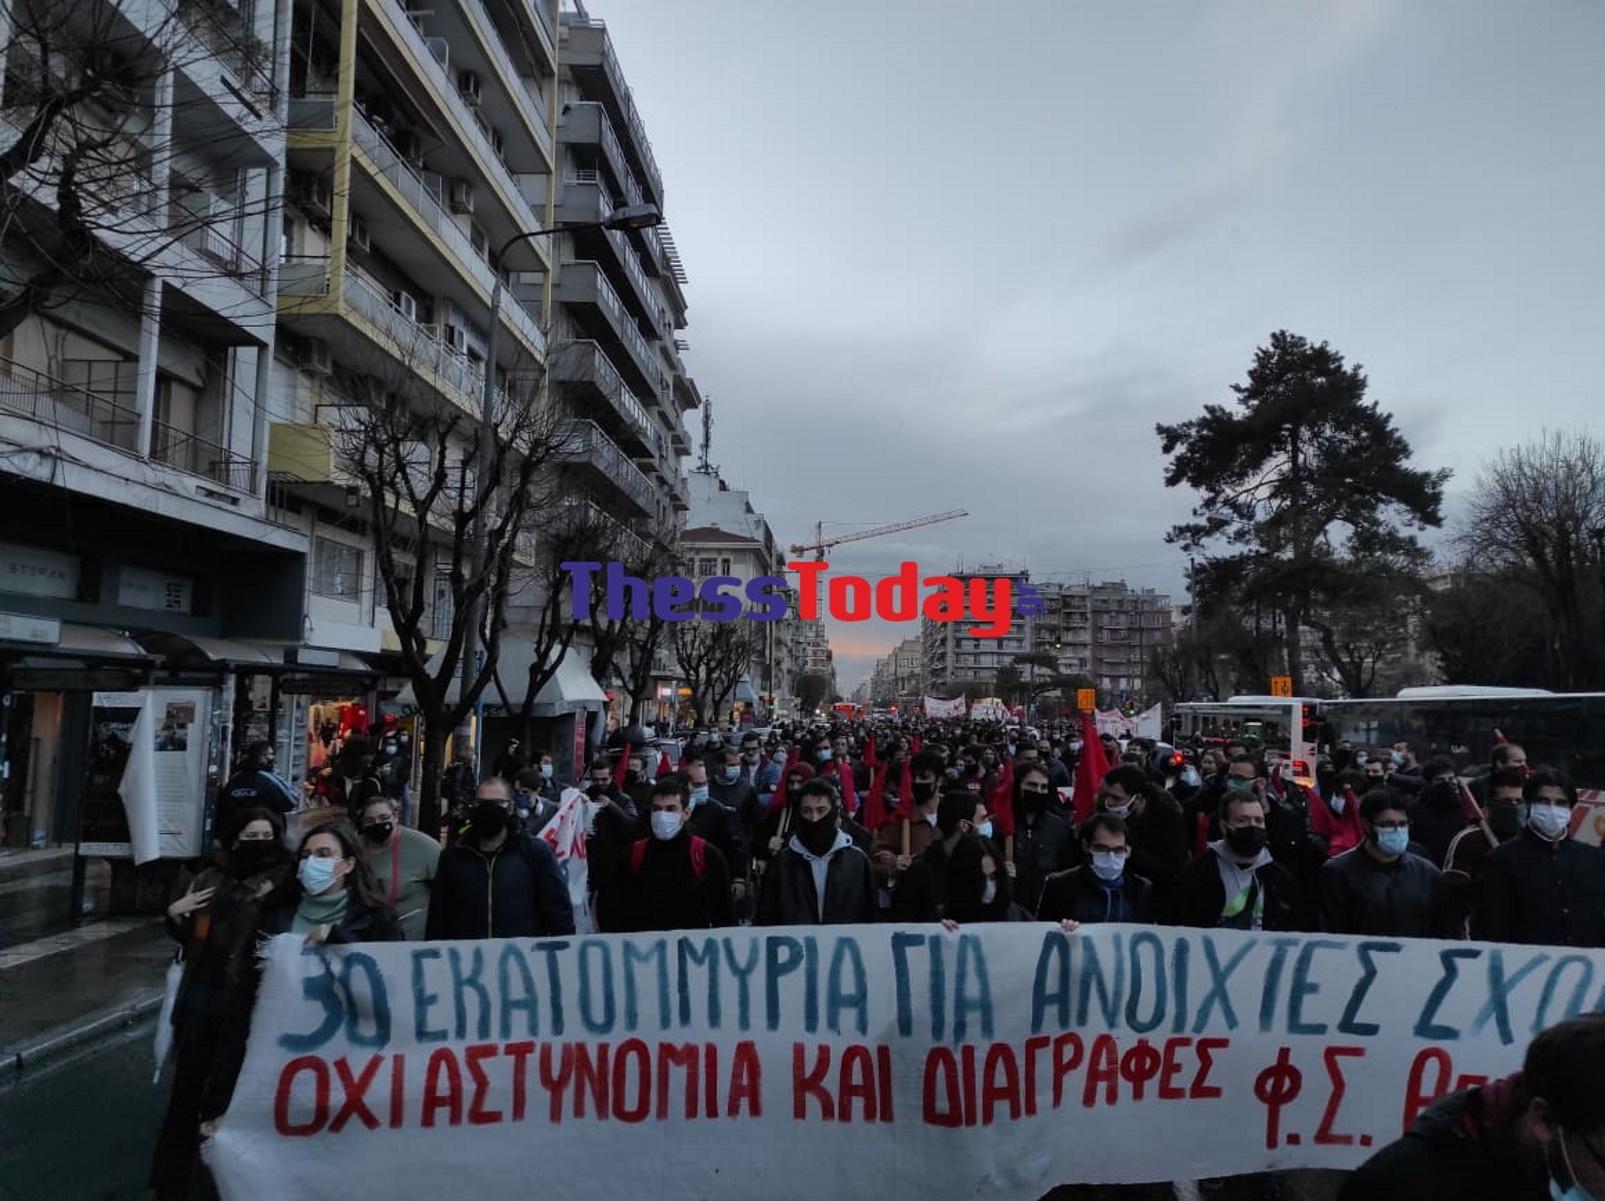 Θεσσαλονίκη: Στους δρόμους με τύμπανα οι φοιτητές για το νομοσχέδιο Κεραμέως (pics, video)